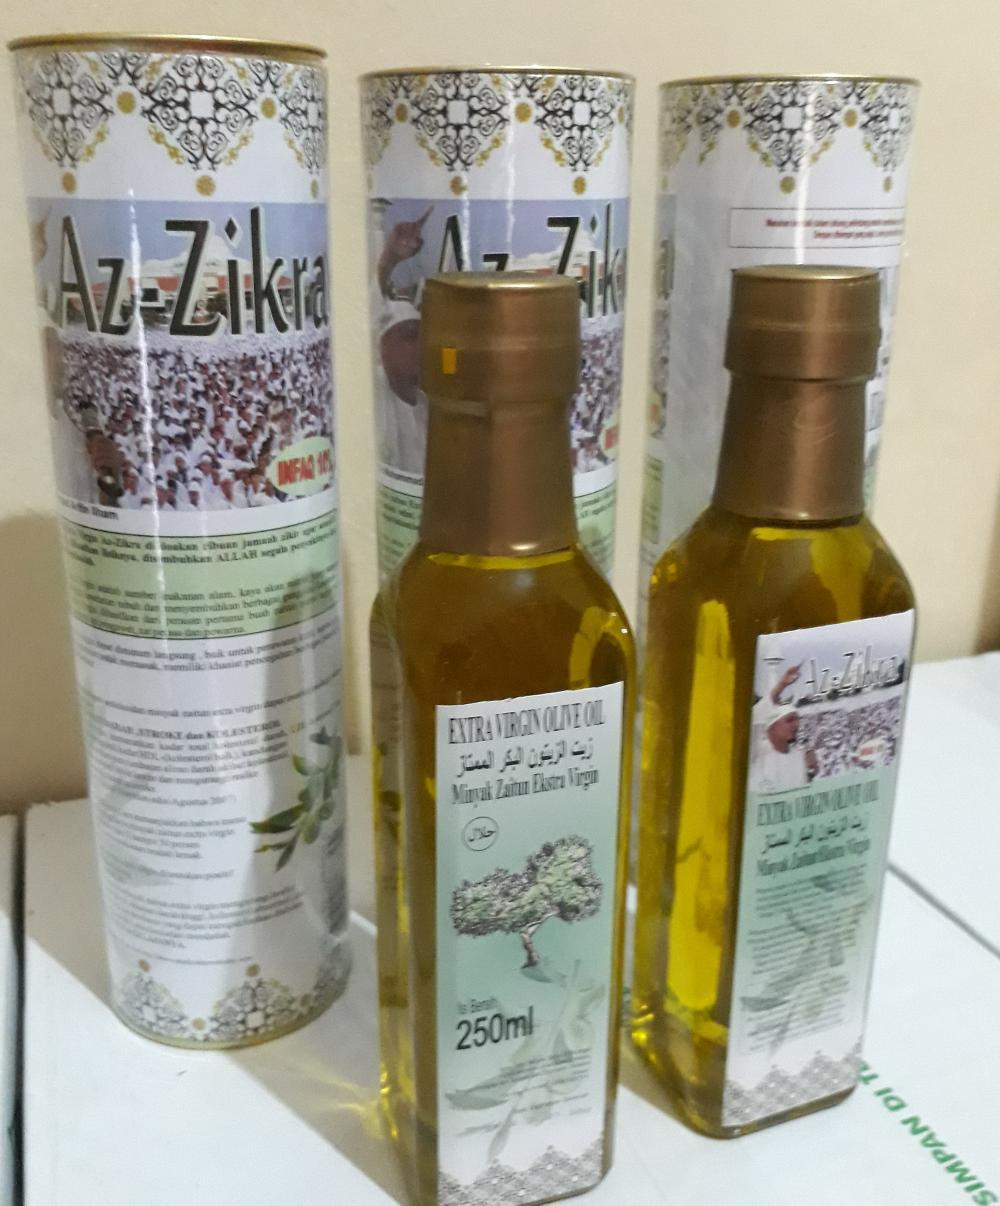 MINYAK ZAITUN AZZIKRA Ust Arifin Ilham di lapak AGen Madu Azzikra aries_fatih